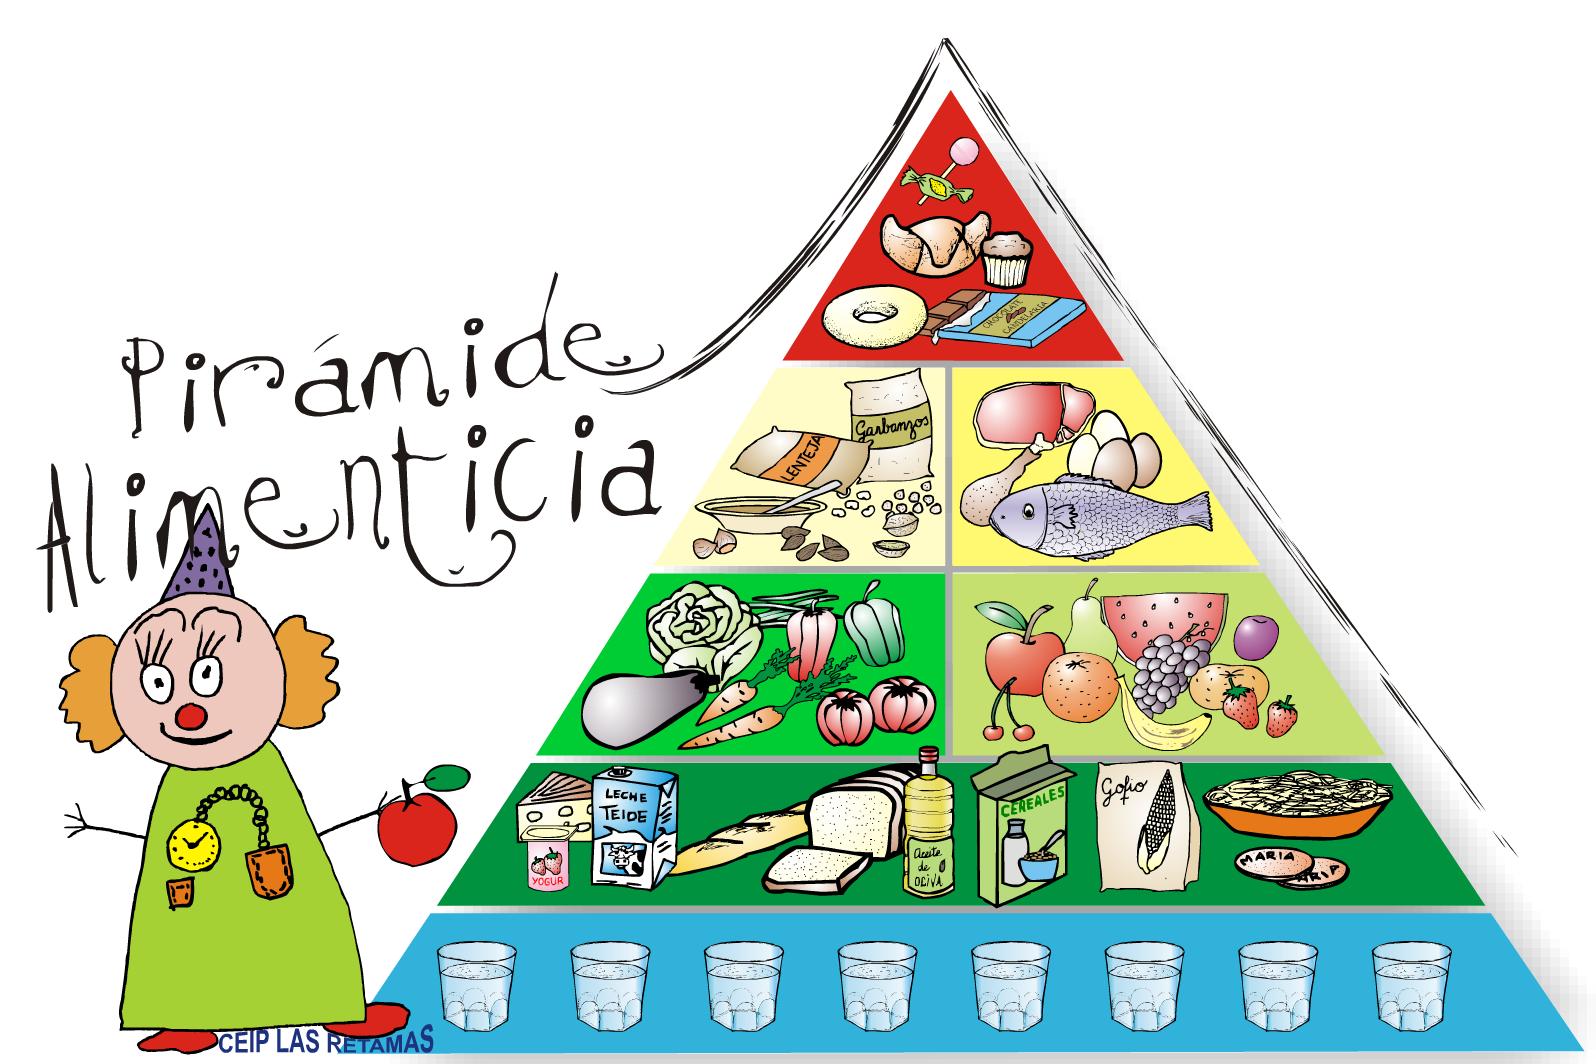 Dietatrue alimentacion del preescolar y escolar - Piramide alimenticia para ninos para colorear ...